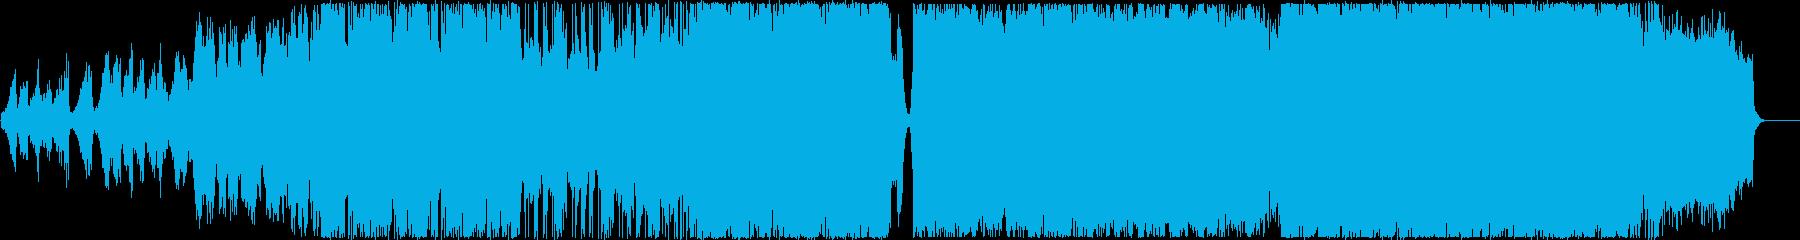 壮大なシンフォニックメタルの再生済みの波形